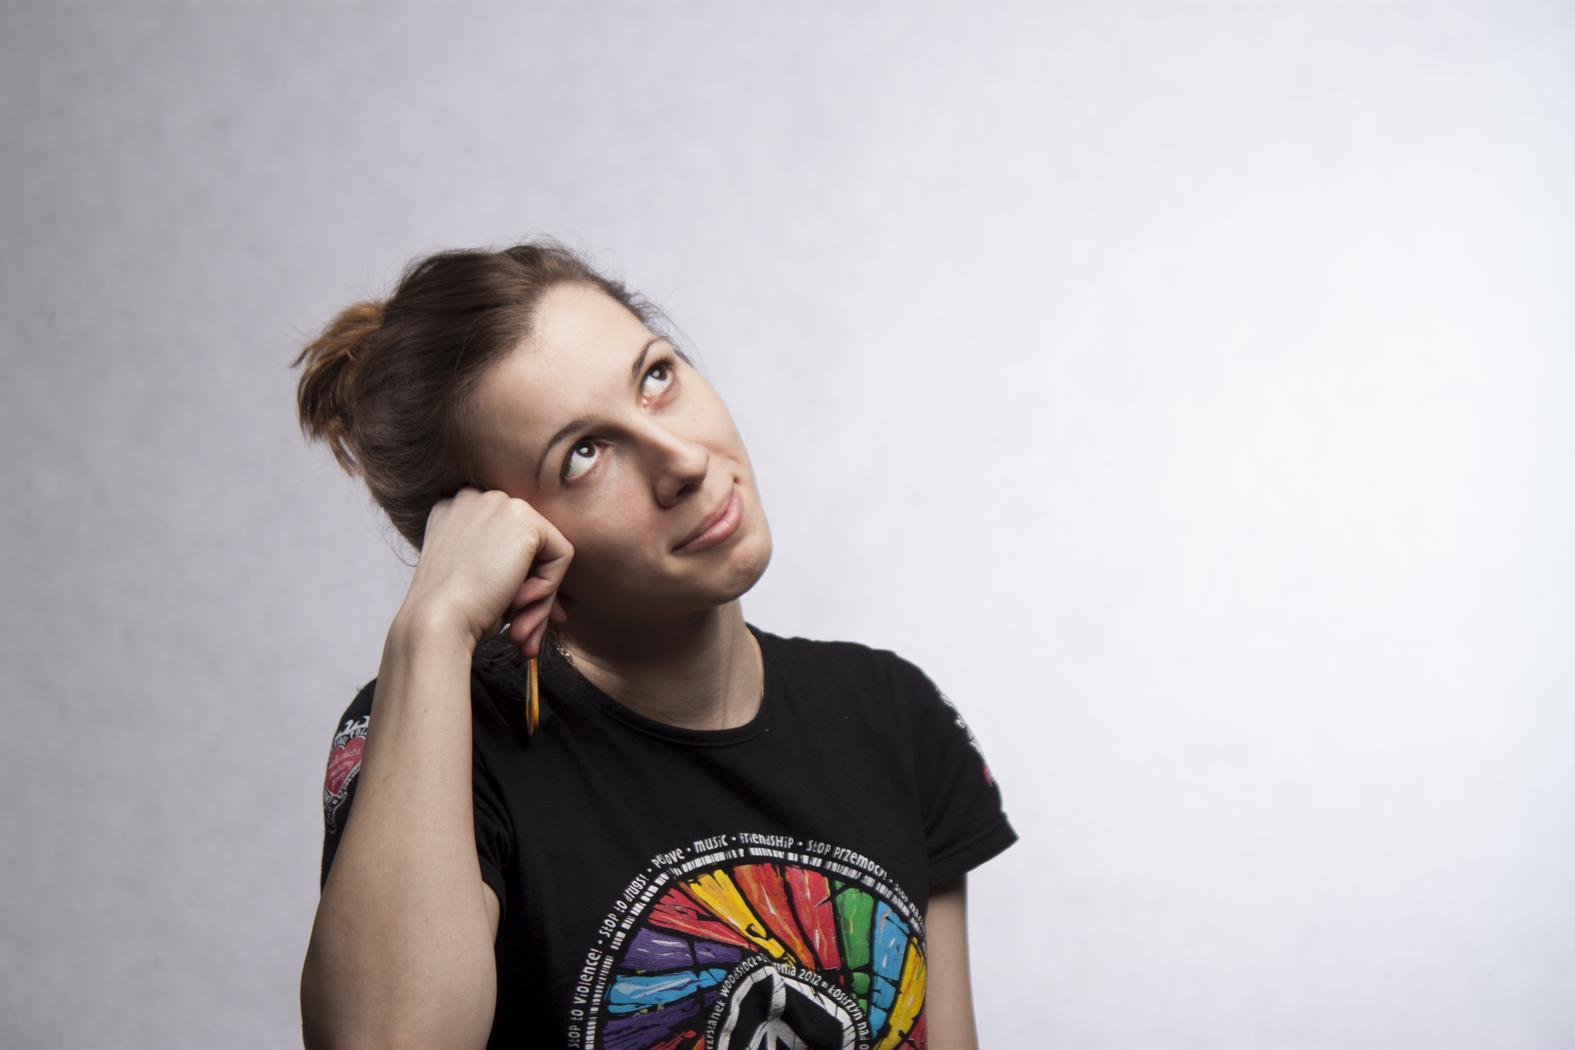 Anna Kuśmierz